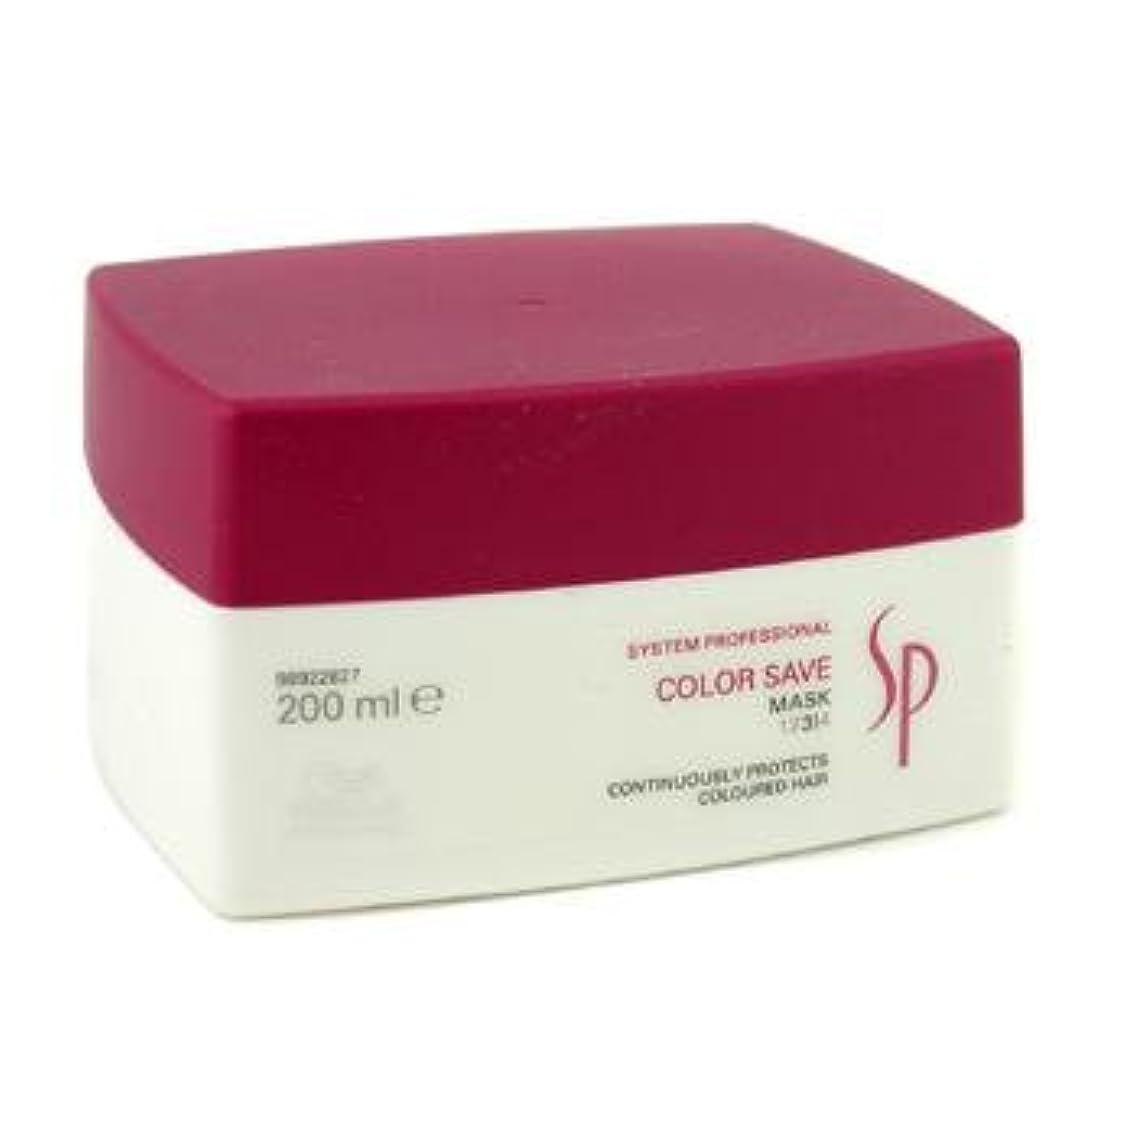 オアシス中断枕[Wella] SP Color Save Mask ( For Coloured Hair ) 200ml/6.67oz[並行輸入品] [並行輸入品]